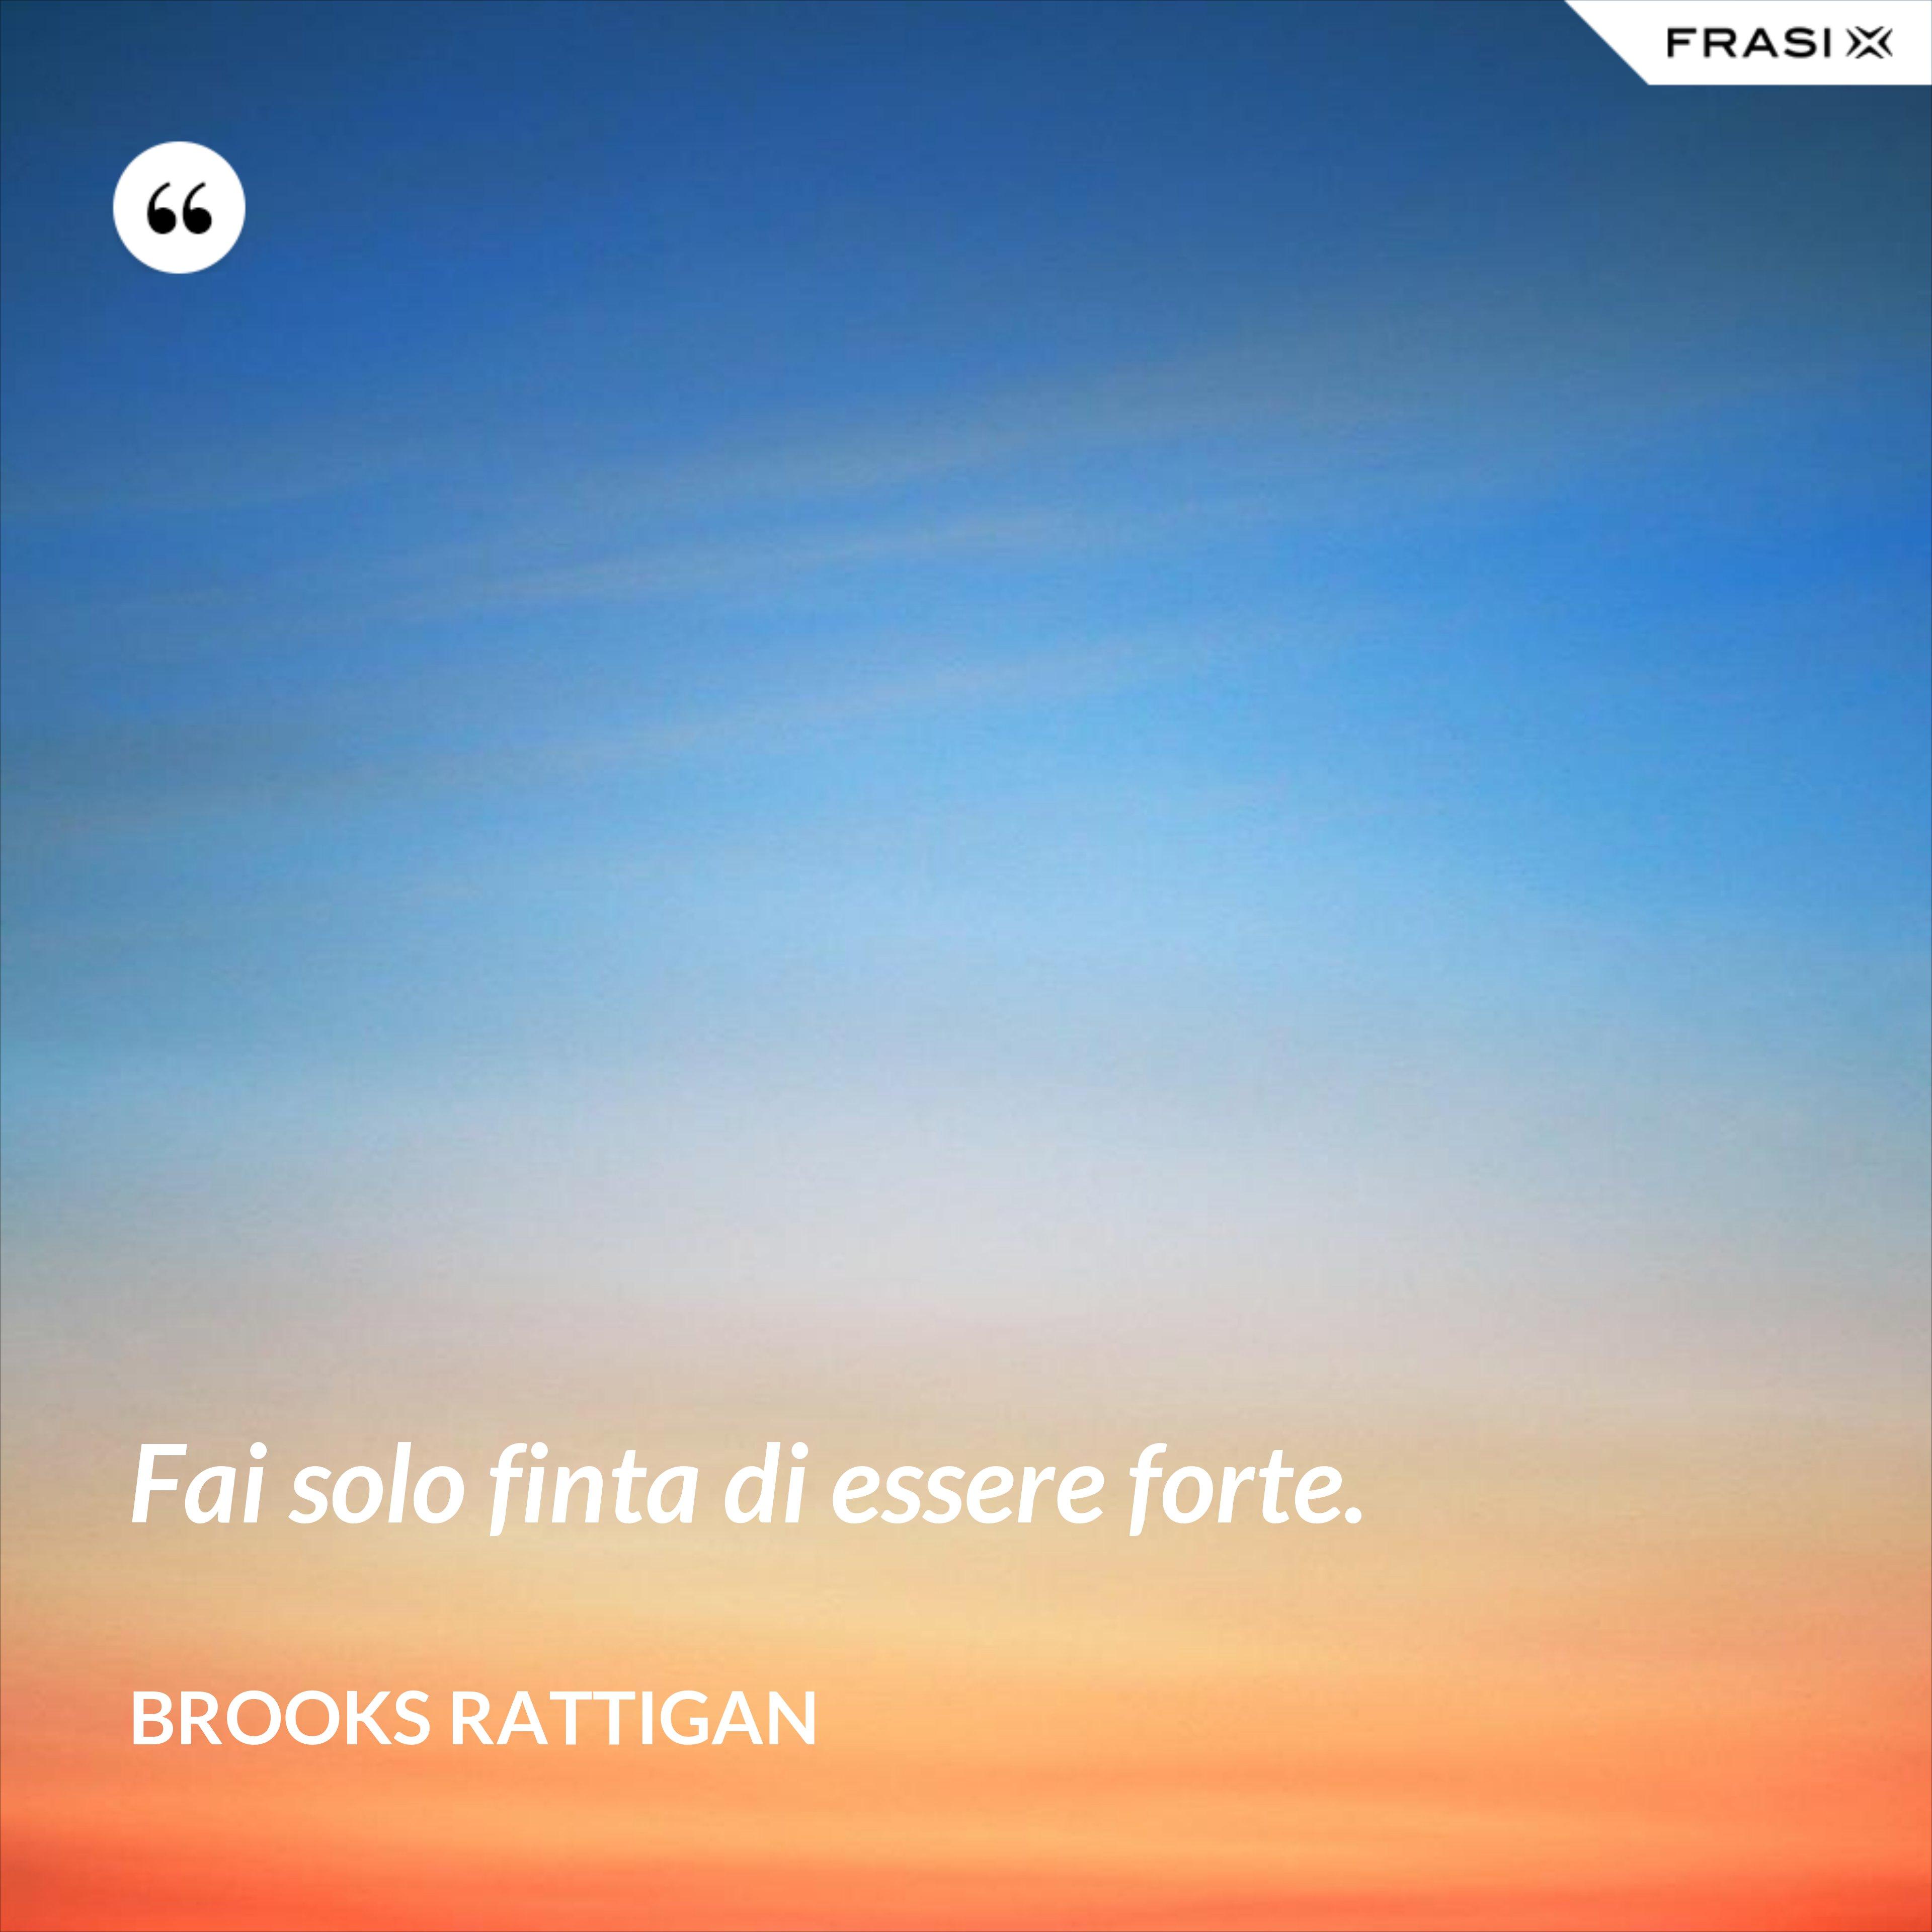 Fai solo finta di essere forte. - Brooks Rattigan